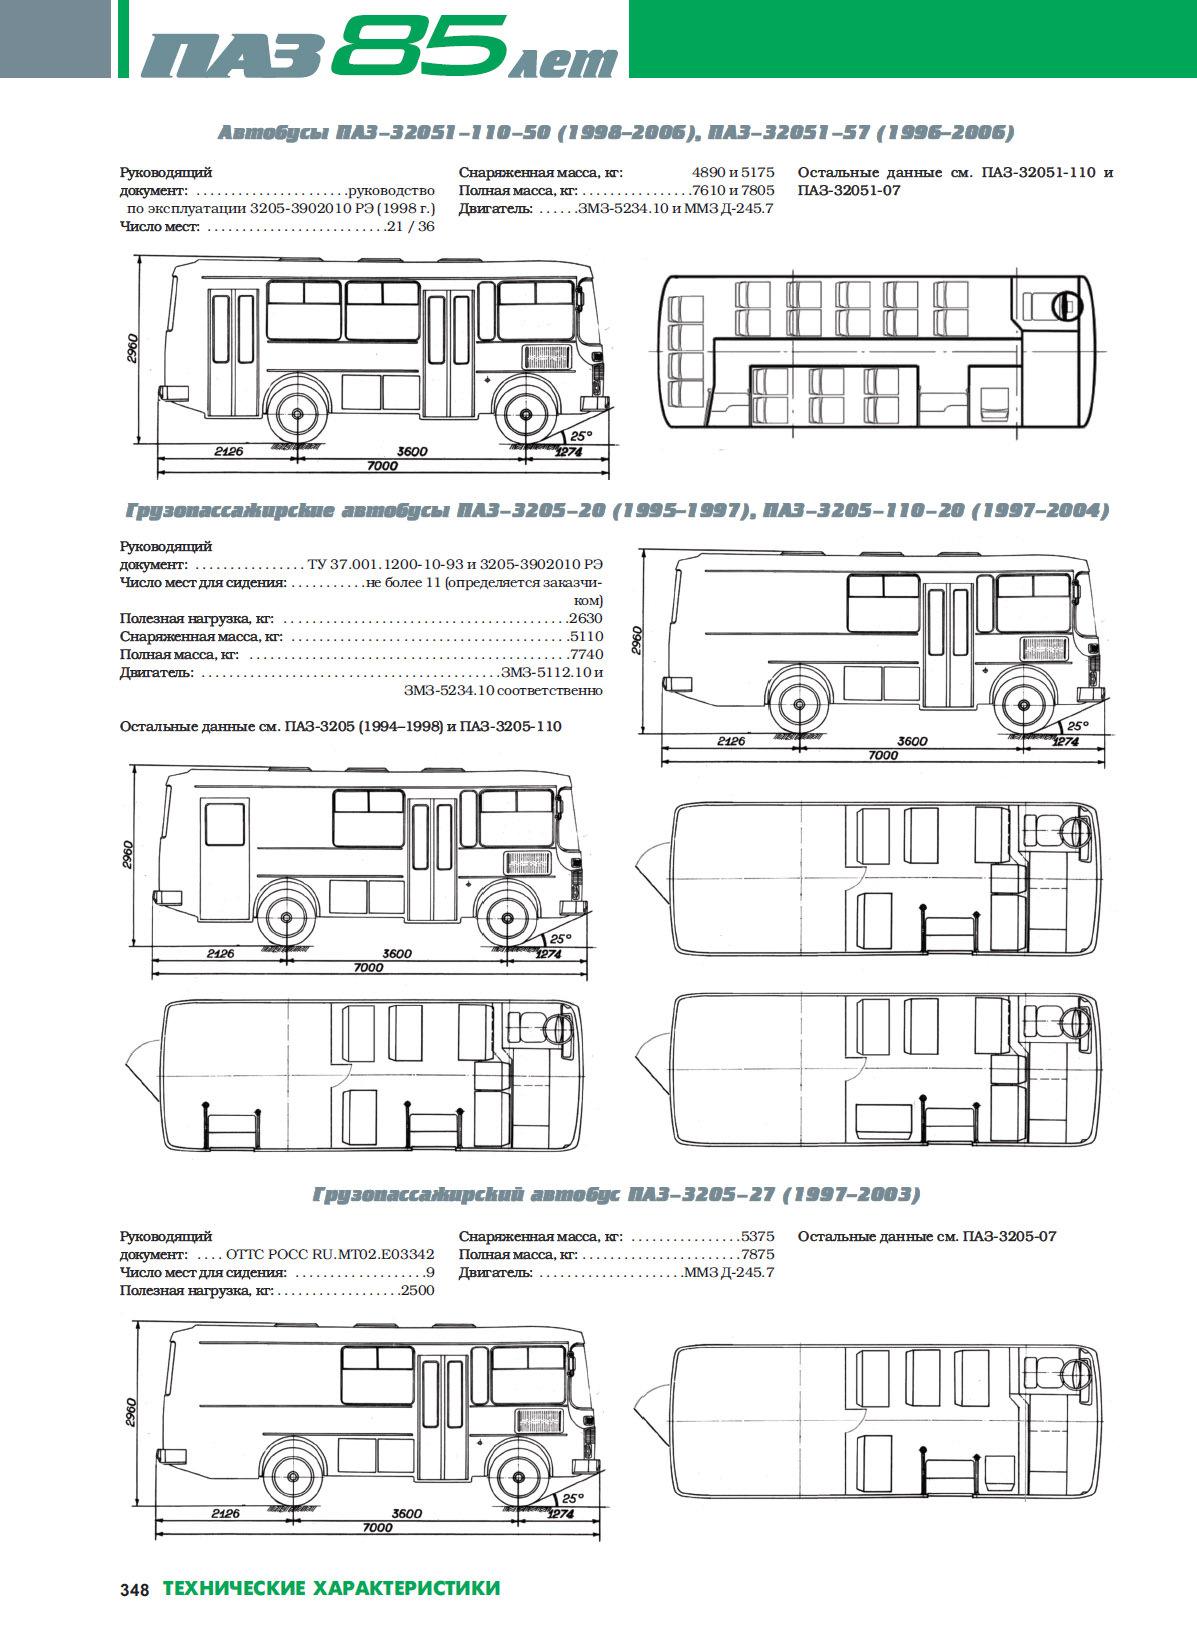 Слепые зоны автобуса картинки пазика обозначение